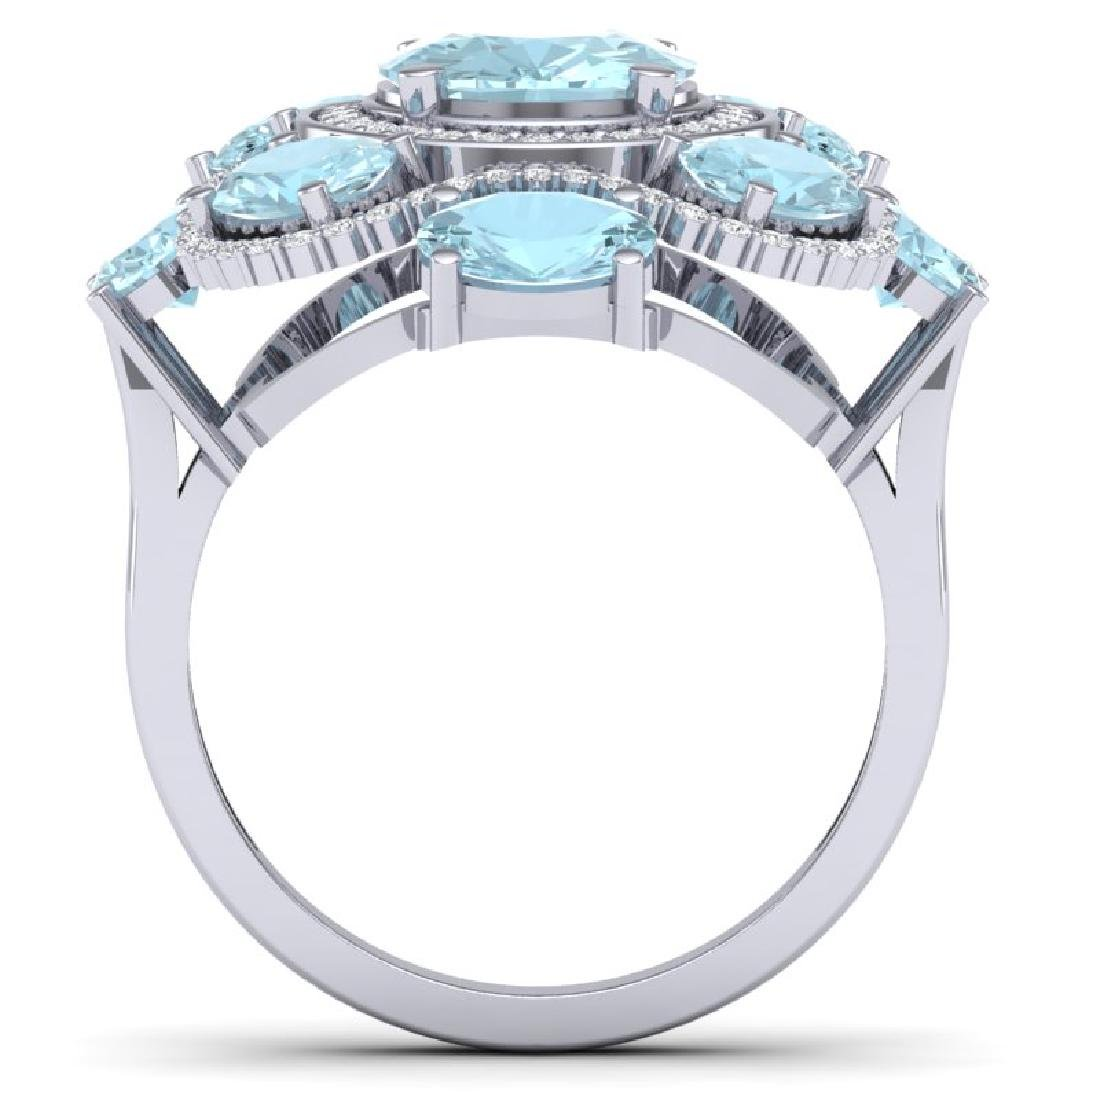 9.26 CTW Royalty Sky Topaz & VS Diamond Ring 18K White - 2